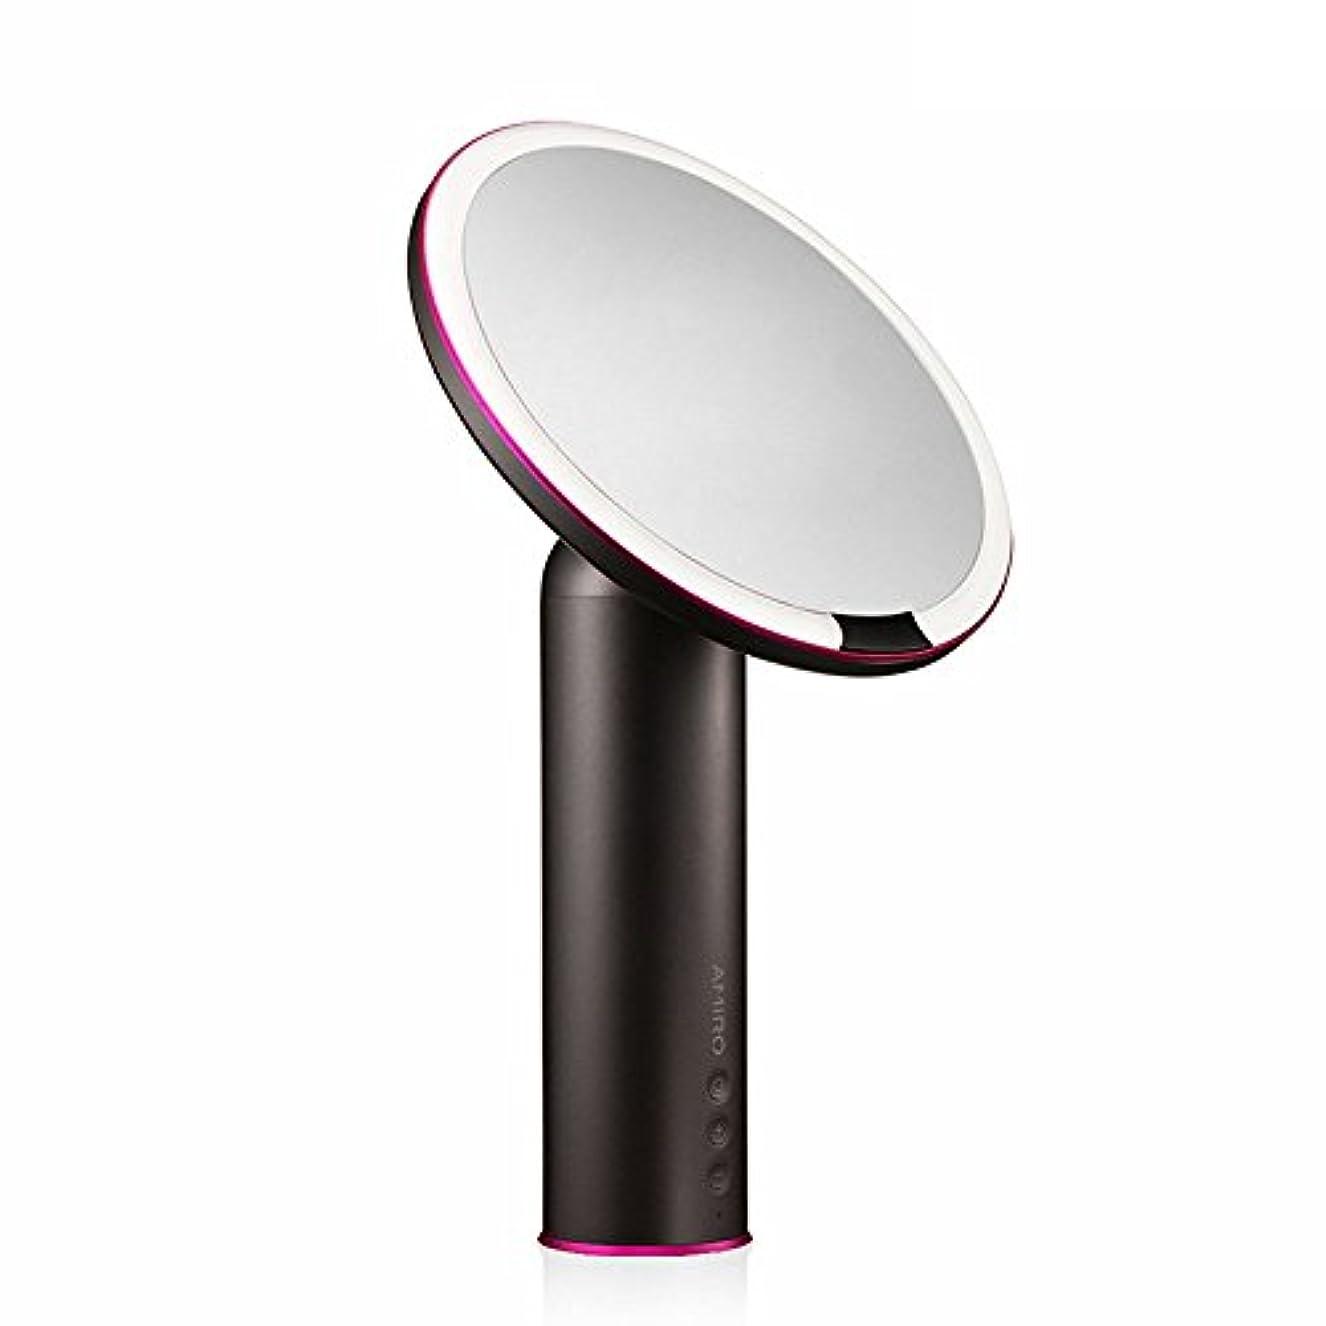 不屈セクション箱AMIRO LED化粧鏡 人感センサー付き 化粧ミラー LEDライト付き 卓上鏡 女優ミラー 3段階明るさ調節可能 コードレス 充電式